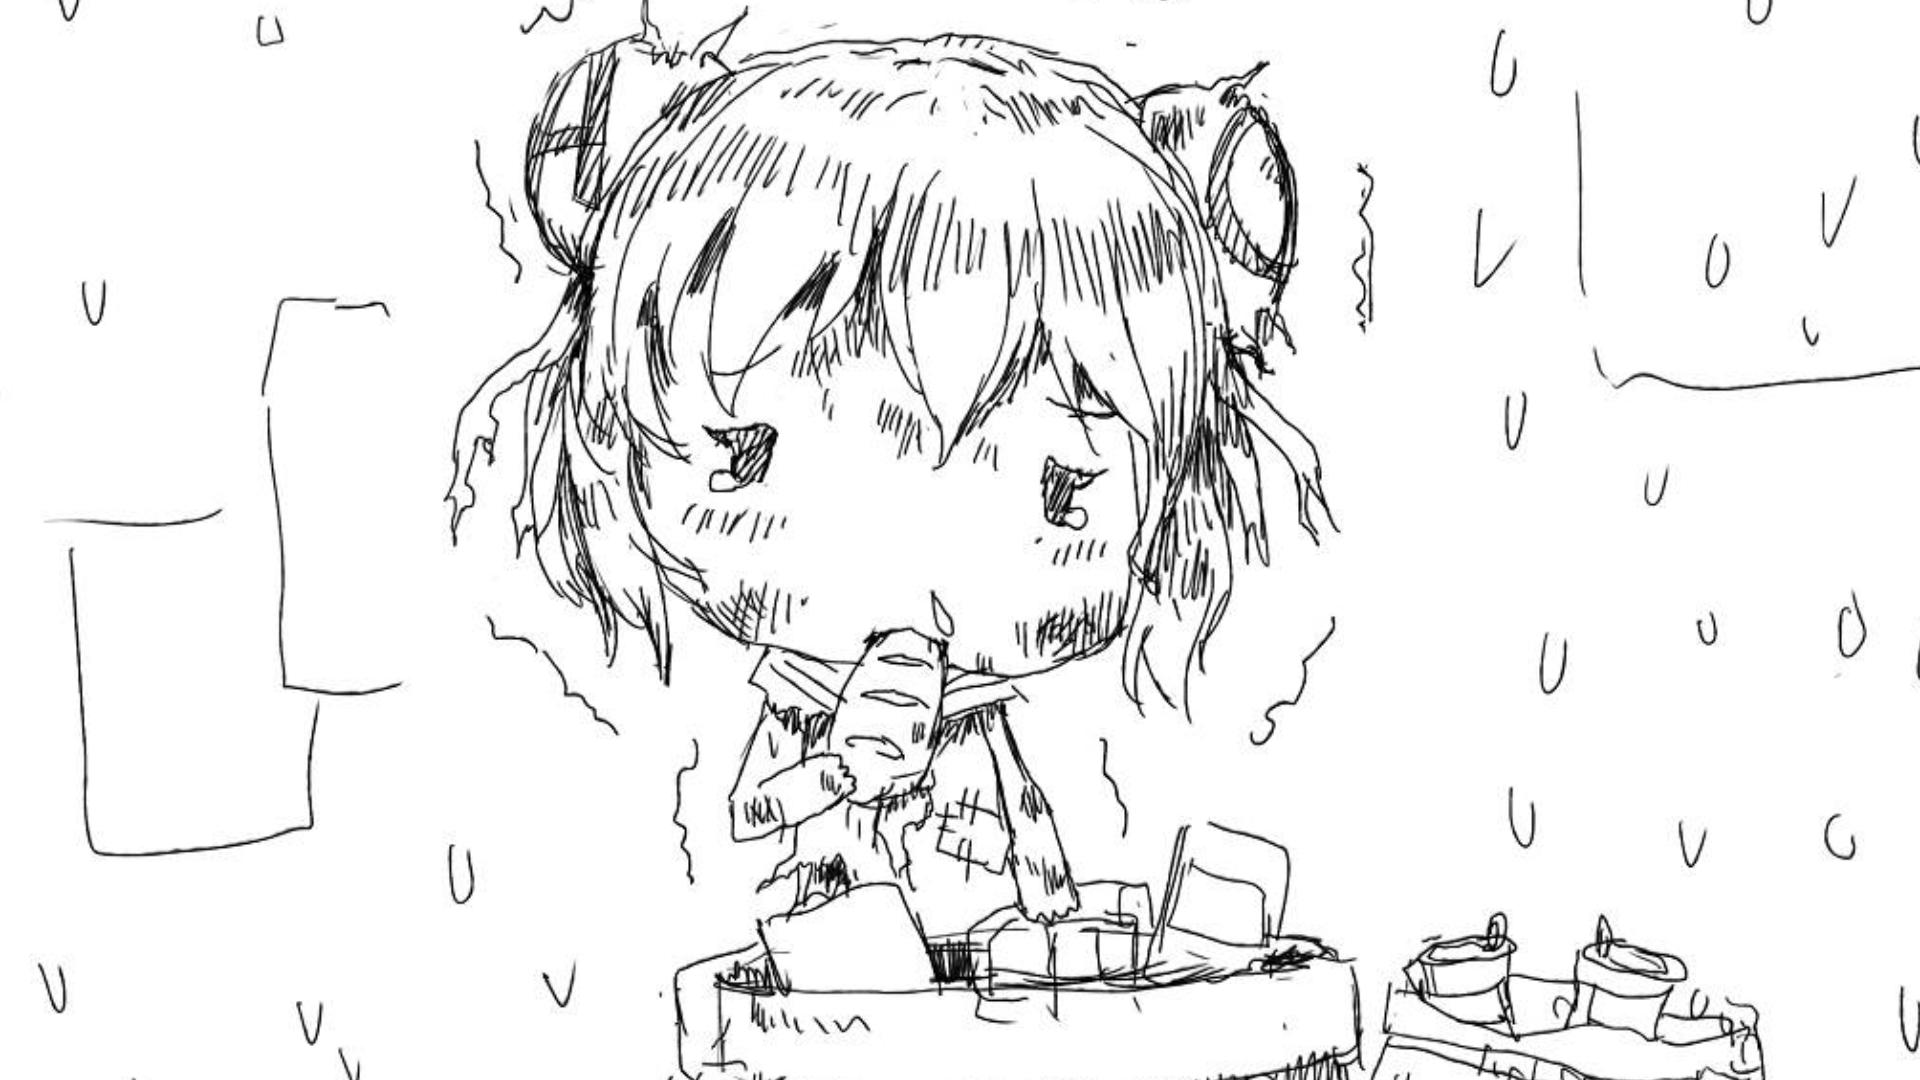 瘦弱的AC娘吃着在垃圾桶里捡到的面包..........【过年稿事情】